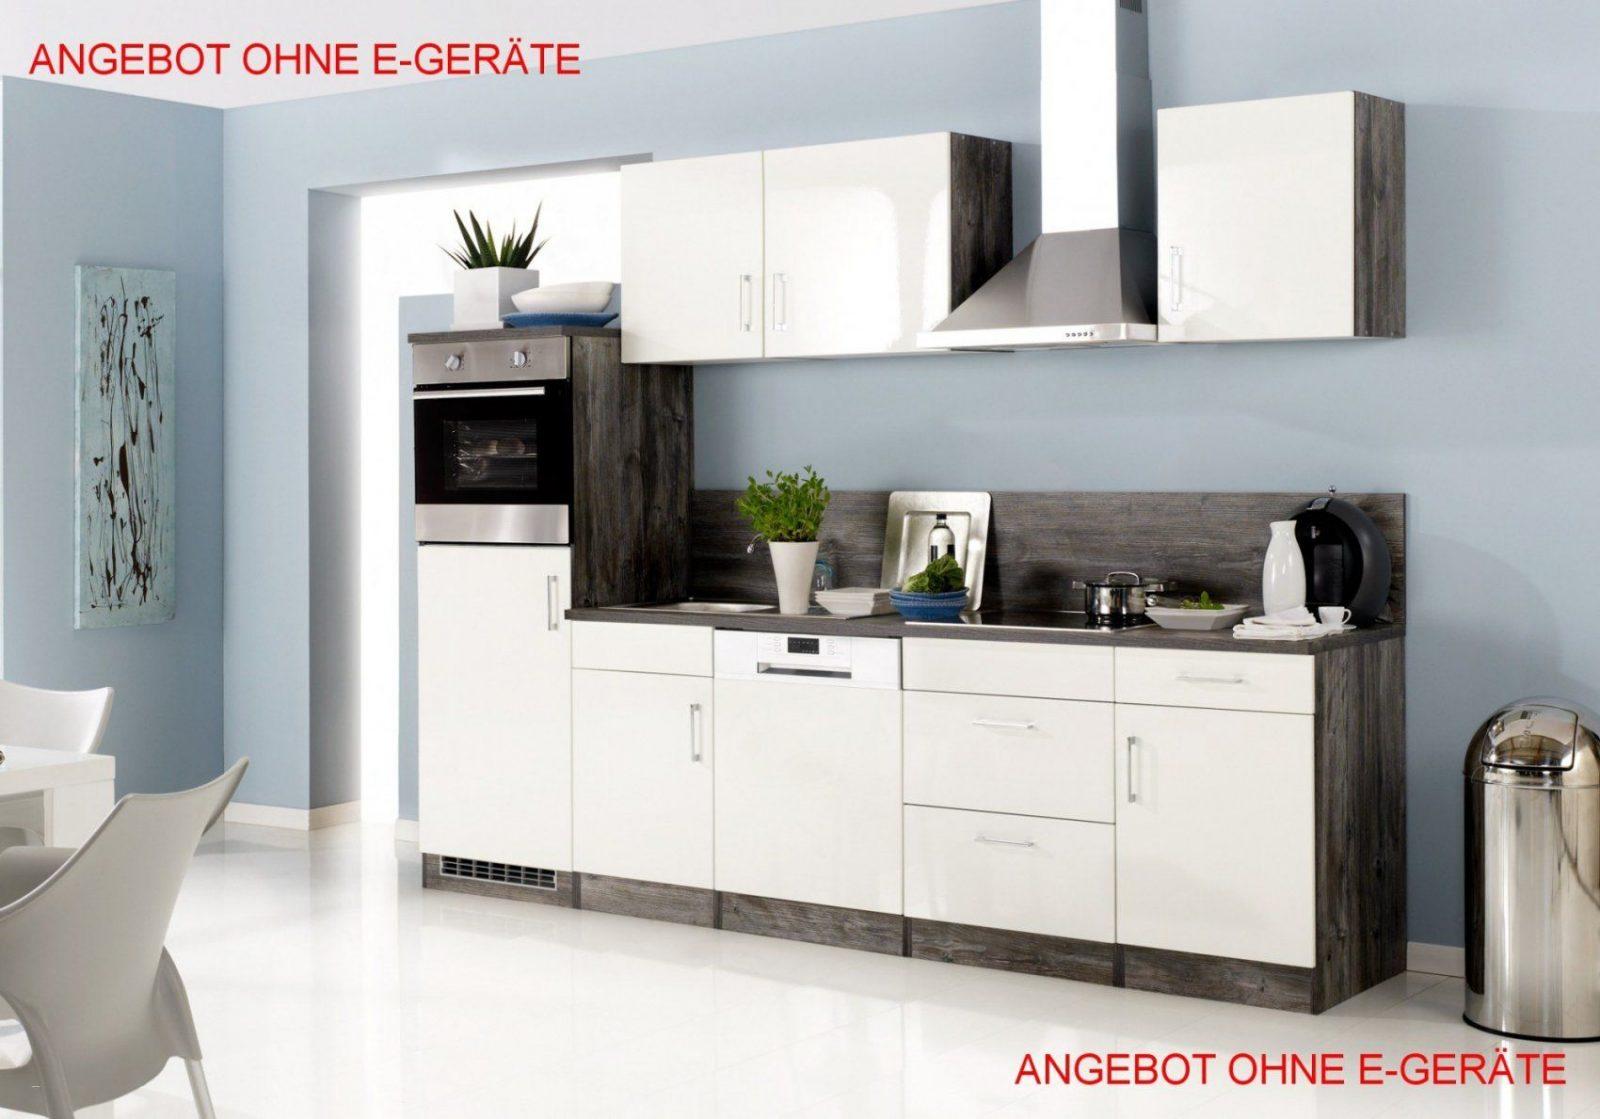 Kueche Mit Elektrogeraeten Guenstig Stilvoll Küchenzeile Ohne von Küchenzeile Mit Elektrogeräten Ohne Kühlschrank Bild